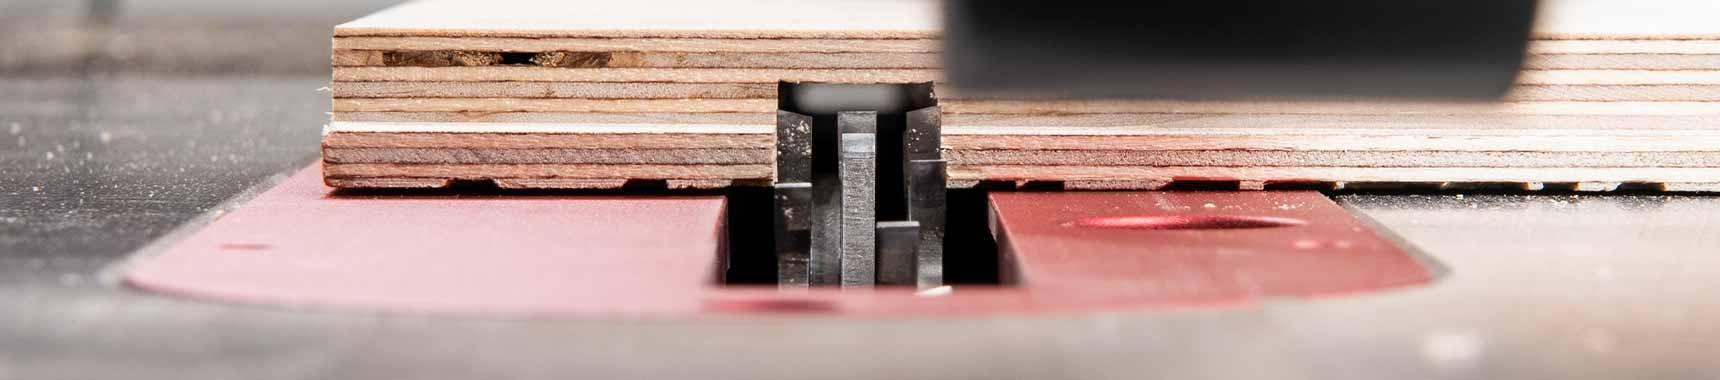 Axminster Trade 8 inch Dado Blade Set